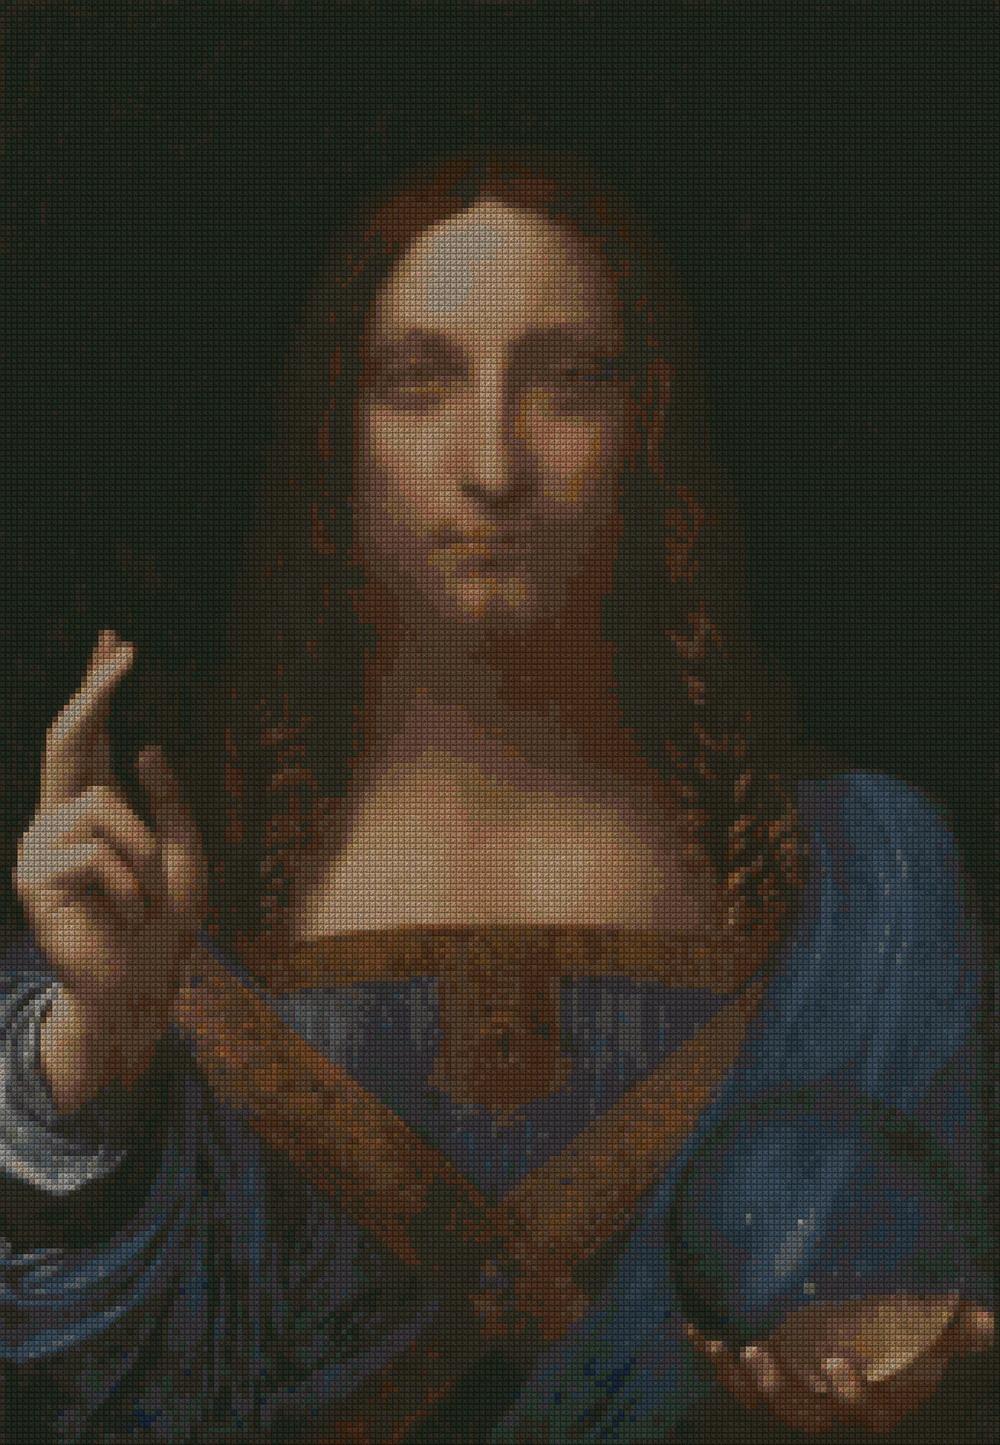 pittori_classici/leonardo/Leonardo_Salvator_Mundi-173x250.jpg